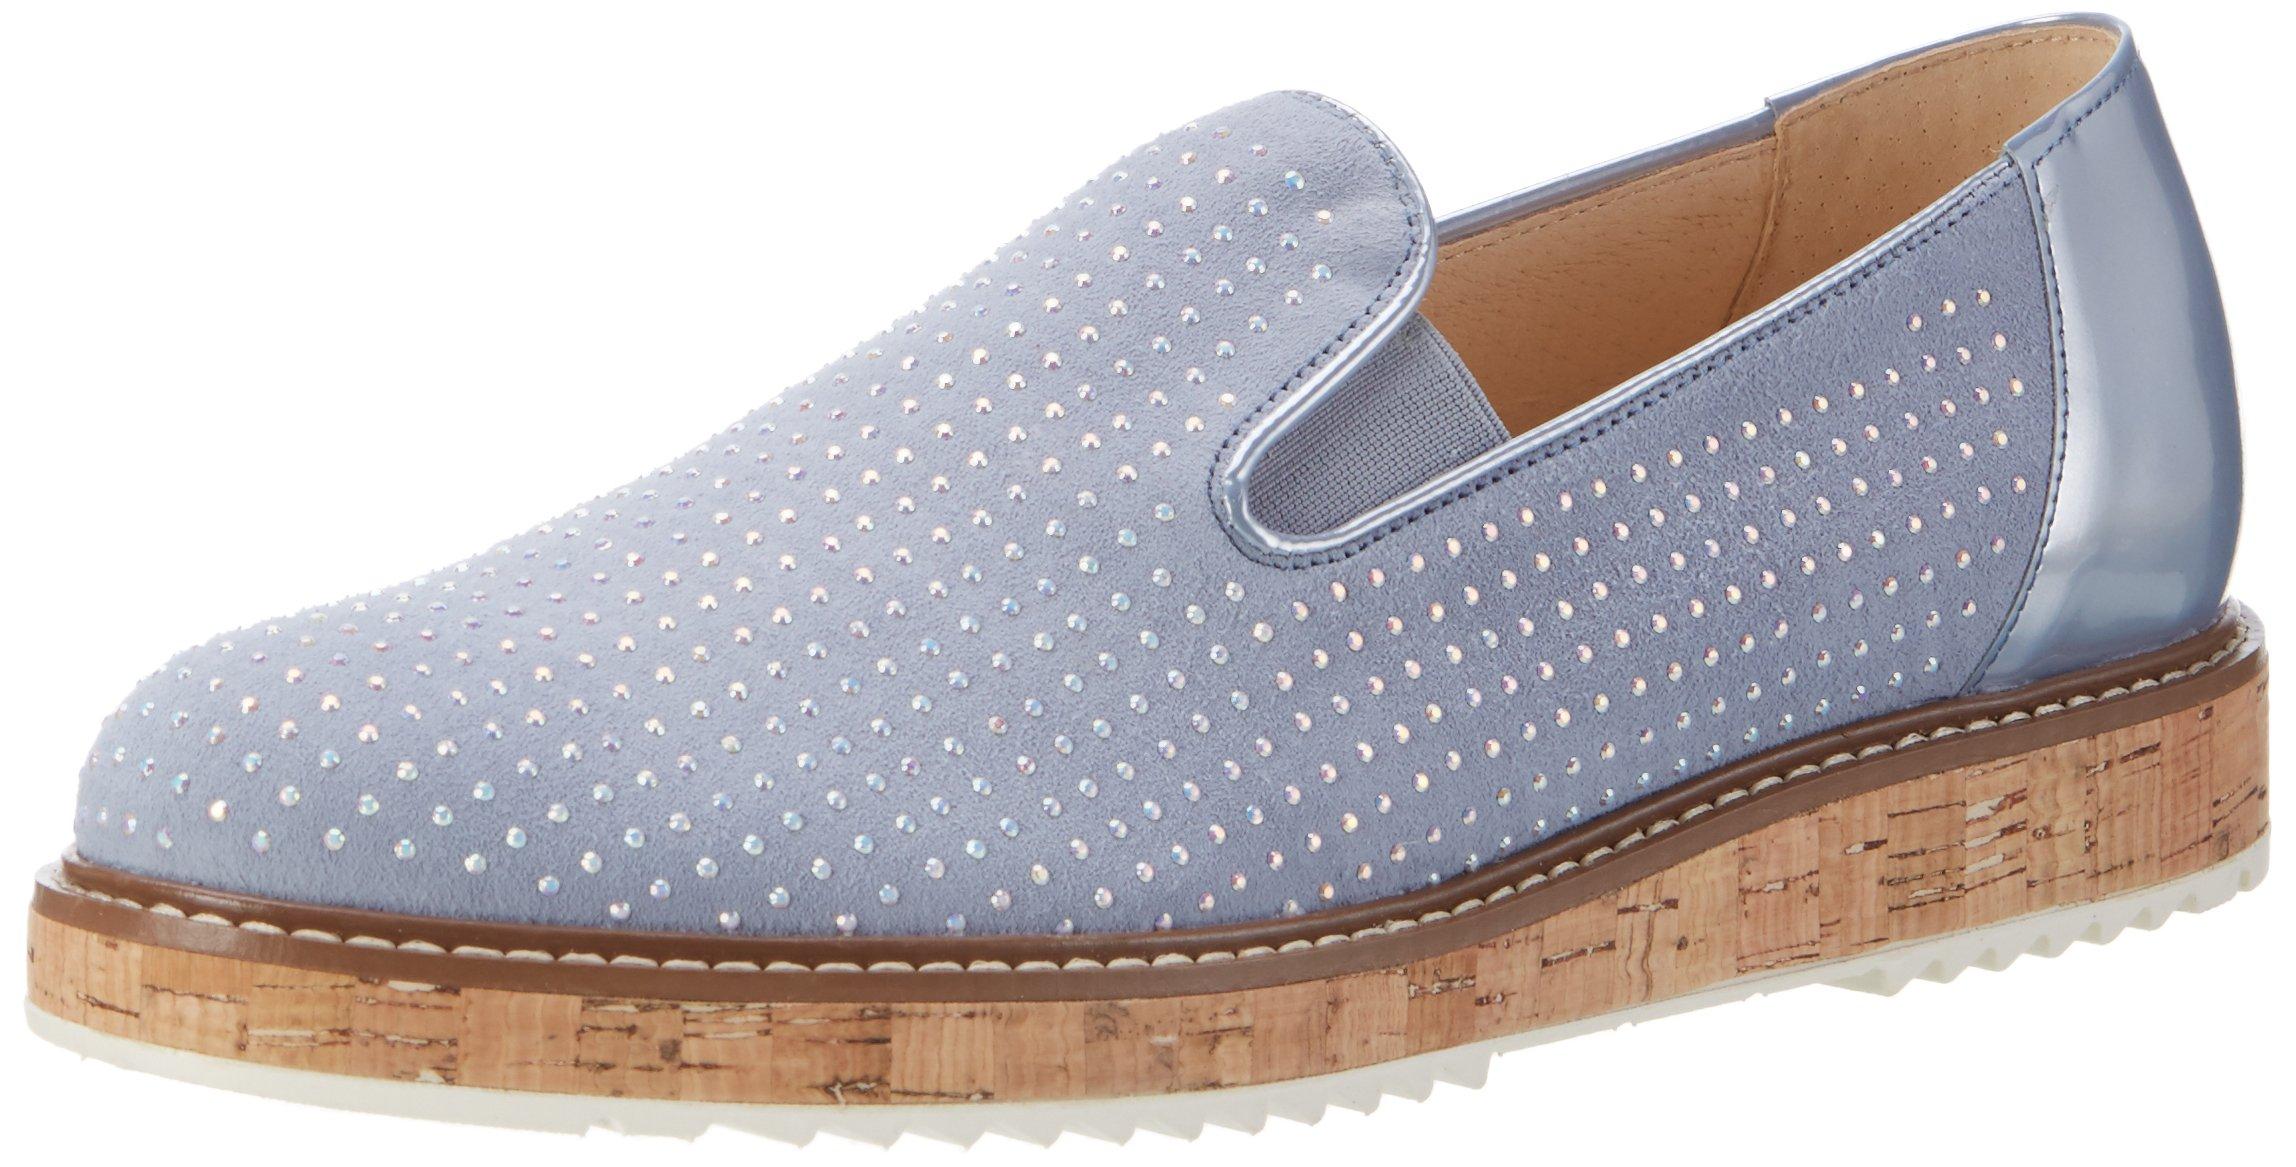 Gabor Shoes 1839 Eu FashionMocassins sky FemmeGrisaquamarin jLqUpzMSVG